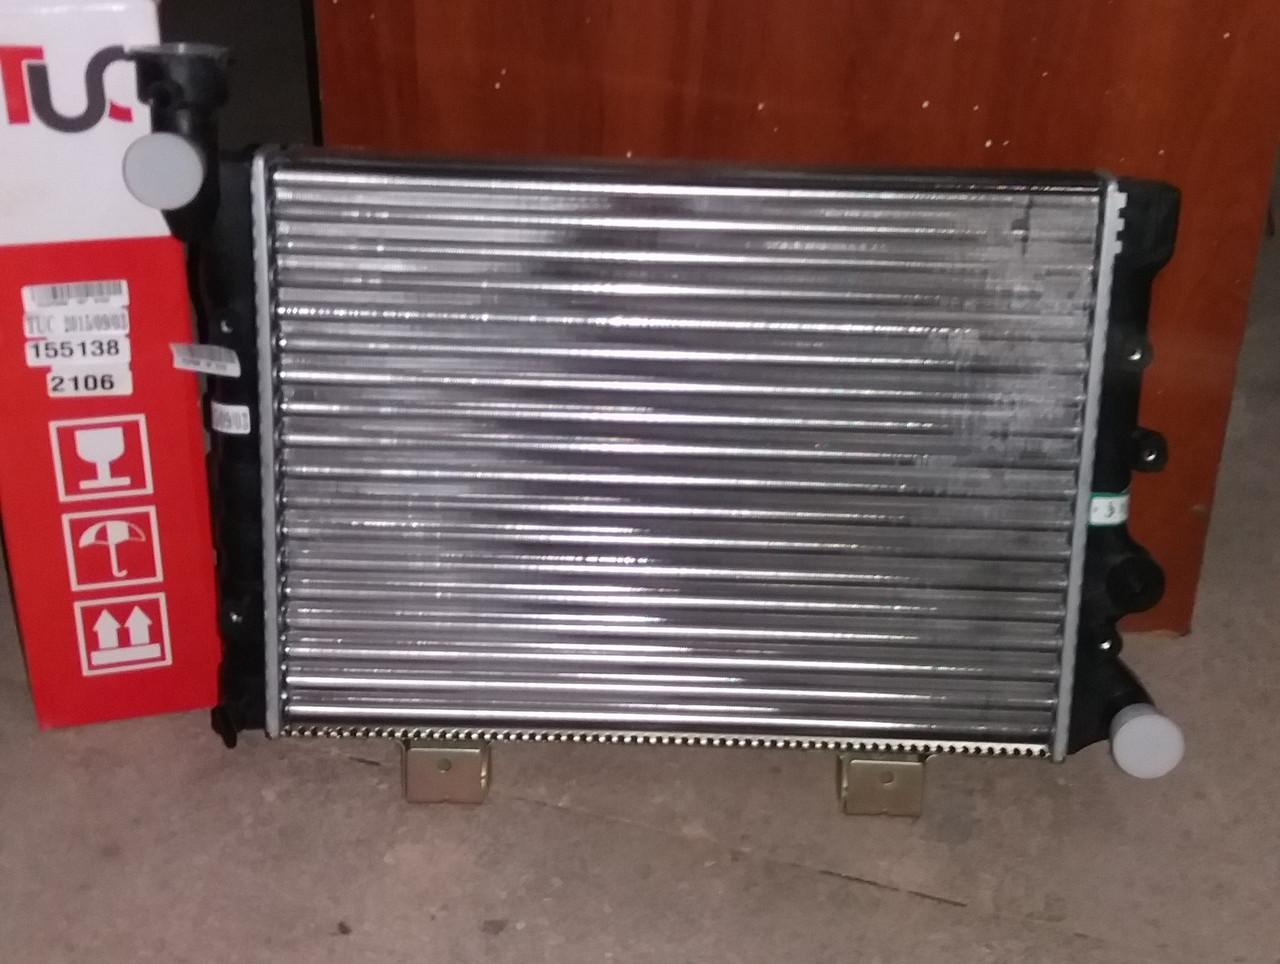 Радиатор ВАЗ 2106 2 рядный алюминиевый пр-во Иран Радиатор